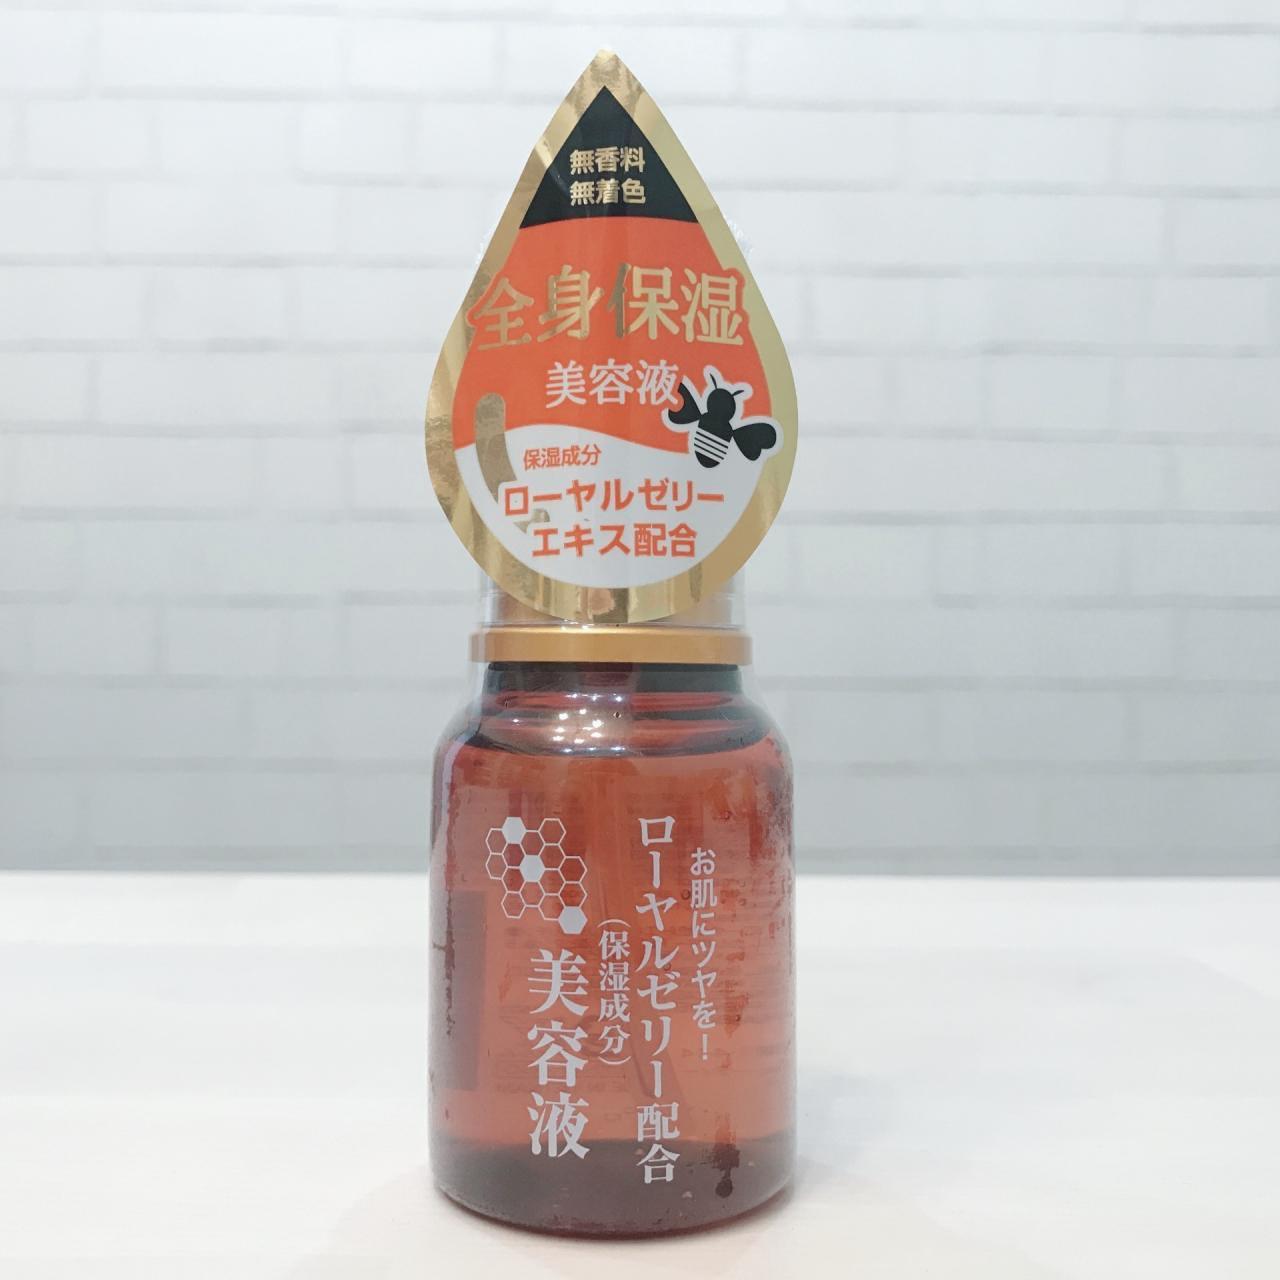 ダイソー 美容液 口コミ おすすめ ローヤルゼリー配合 RJローション 100均 100円均一ショップ DAISO